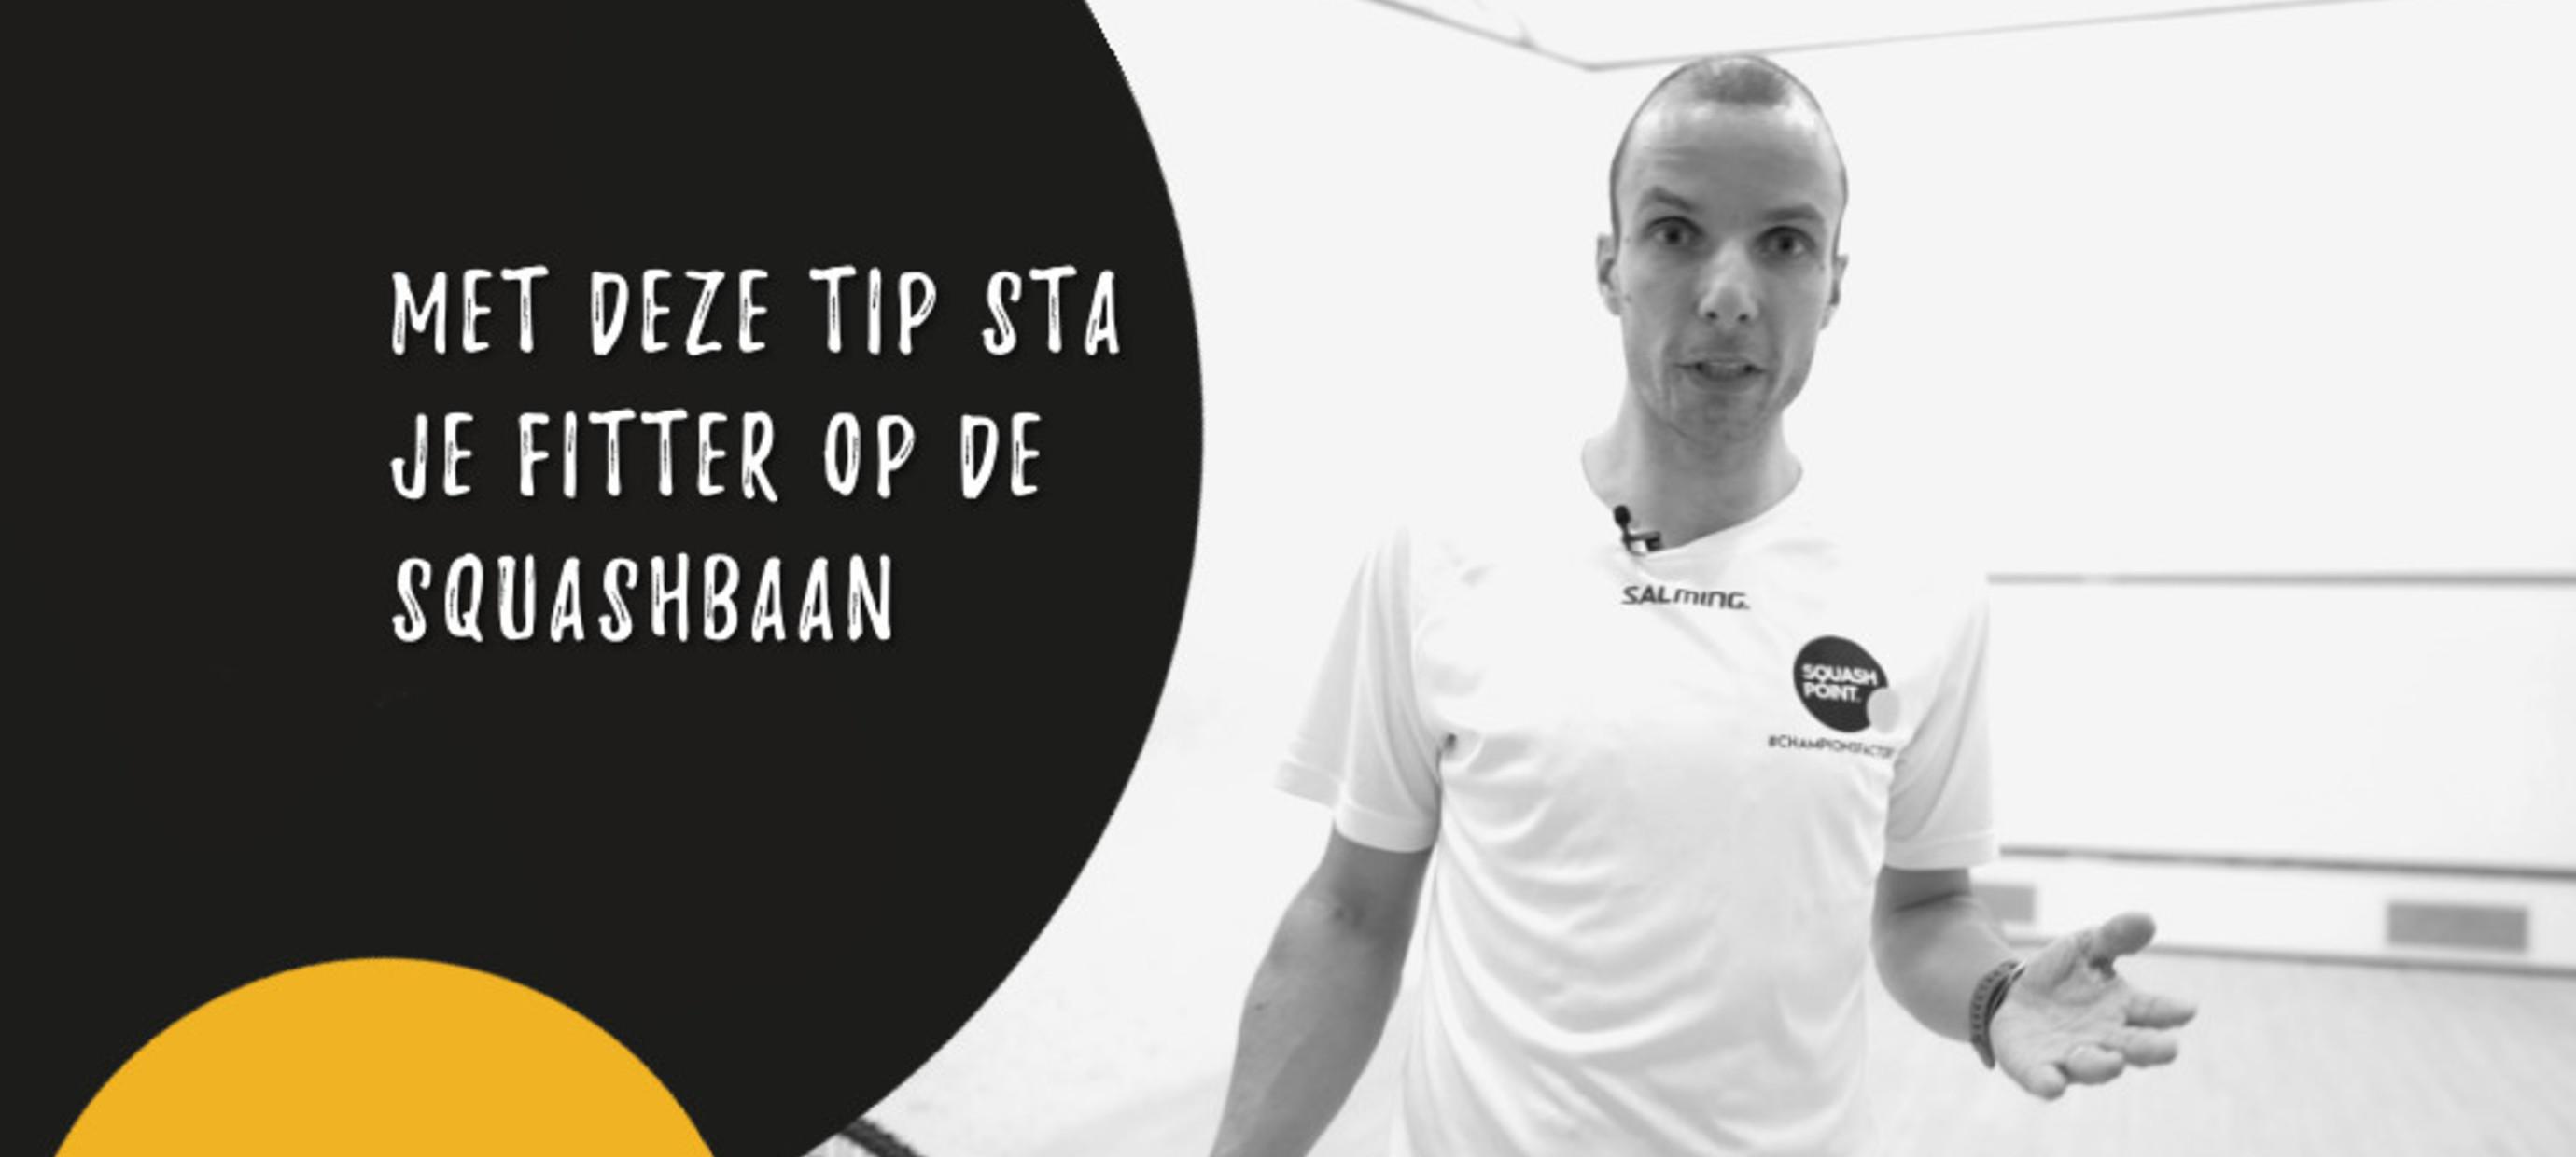 Met deze tip sta je fitter op de squashbaan